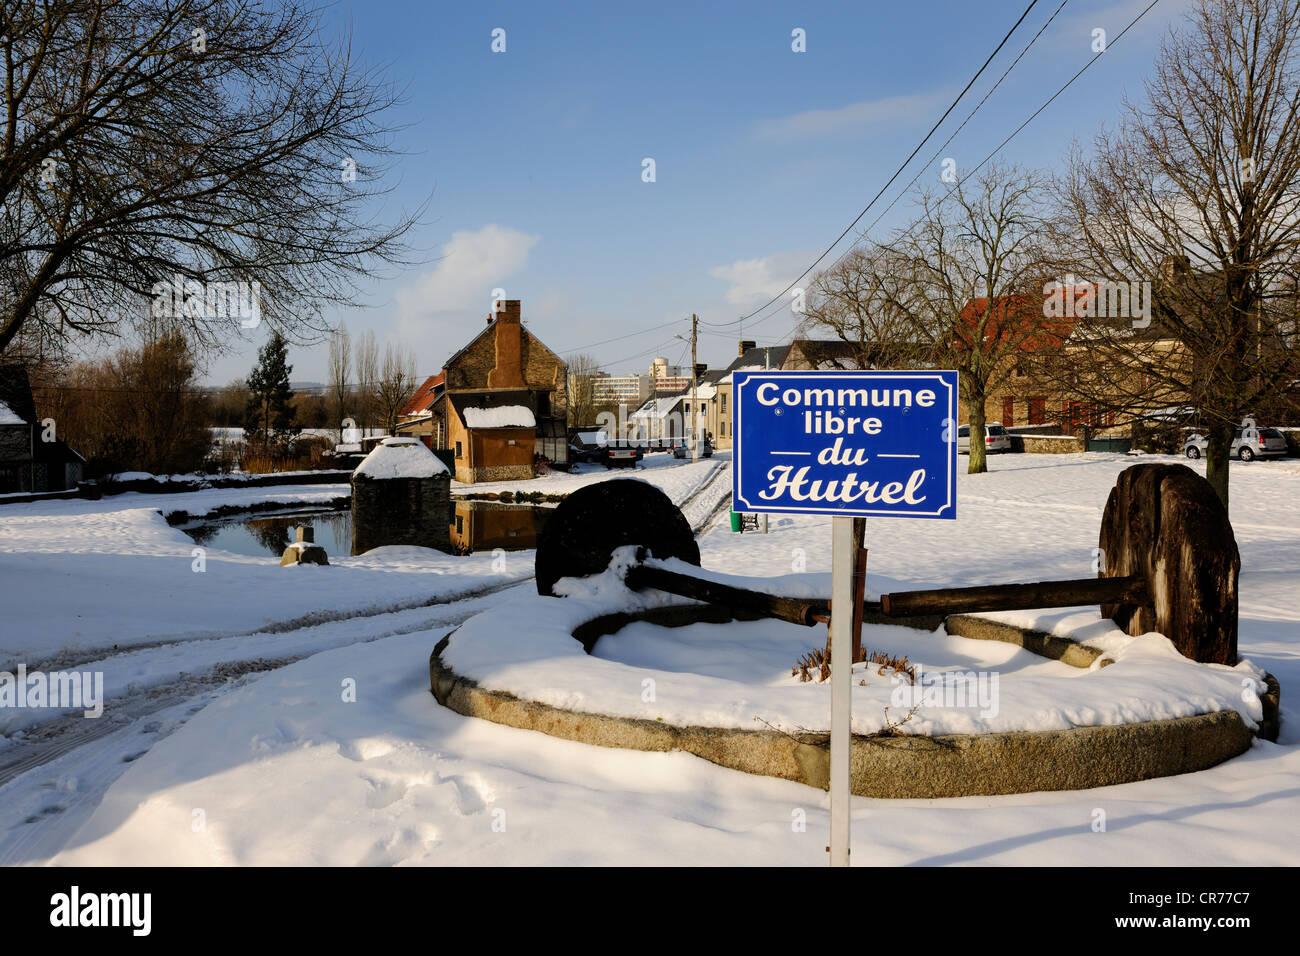 France, Manche, Cotentin, Saint Lo, de la commune libre du Hutrel Photo Stock